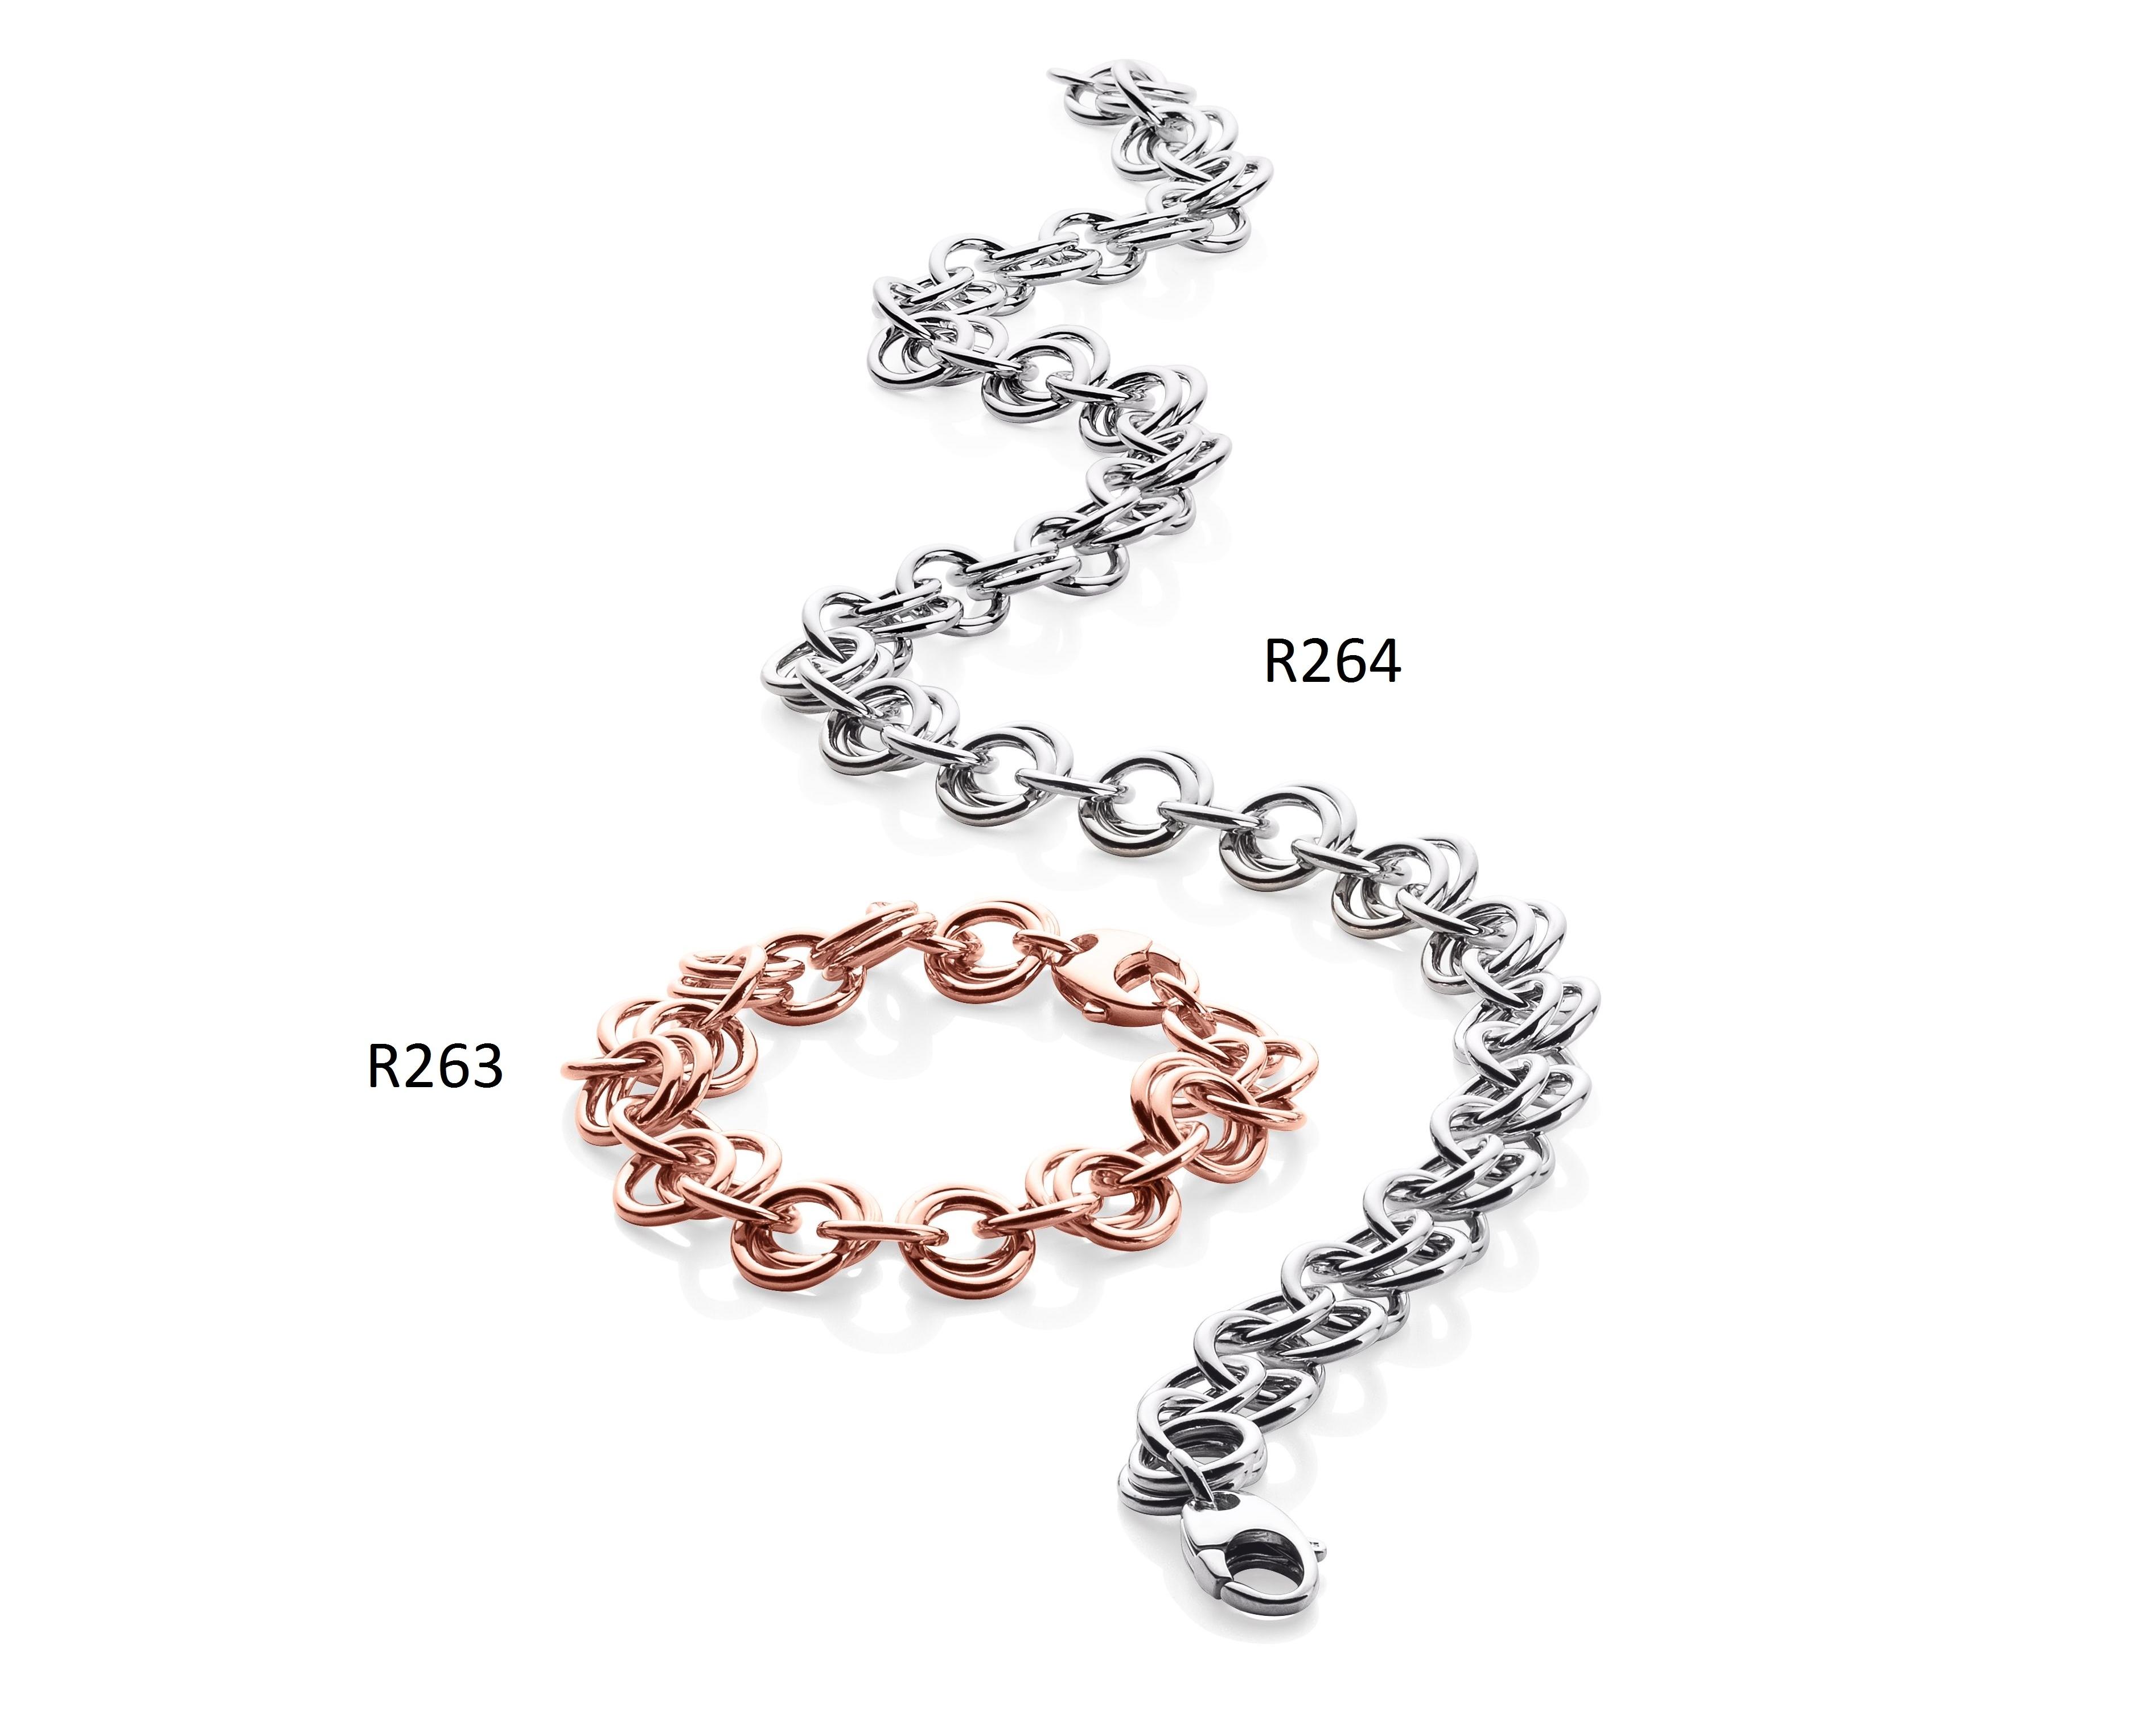 Ratius Armband + Kette verschiedene Plattierungen R263,R264